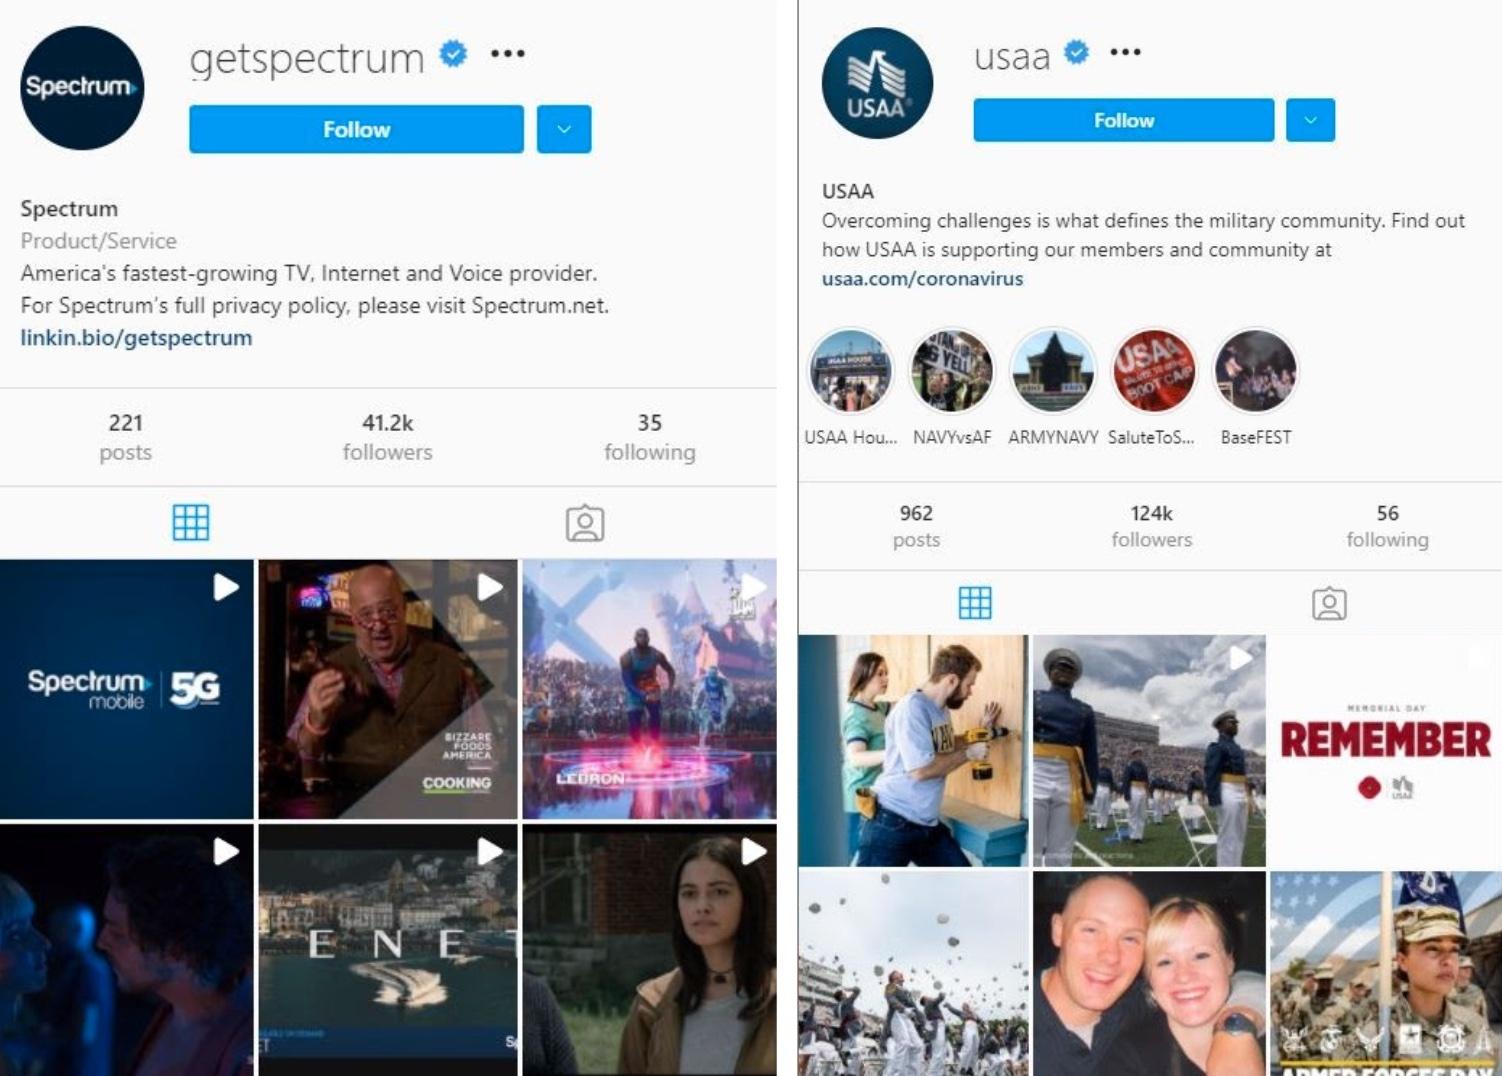 Spectrum & USAA Instagram